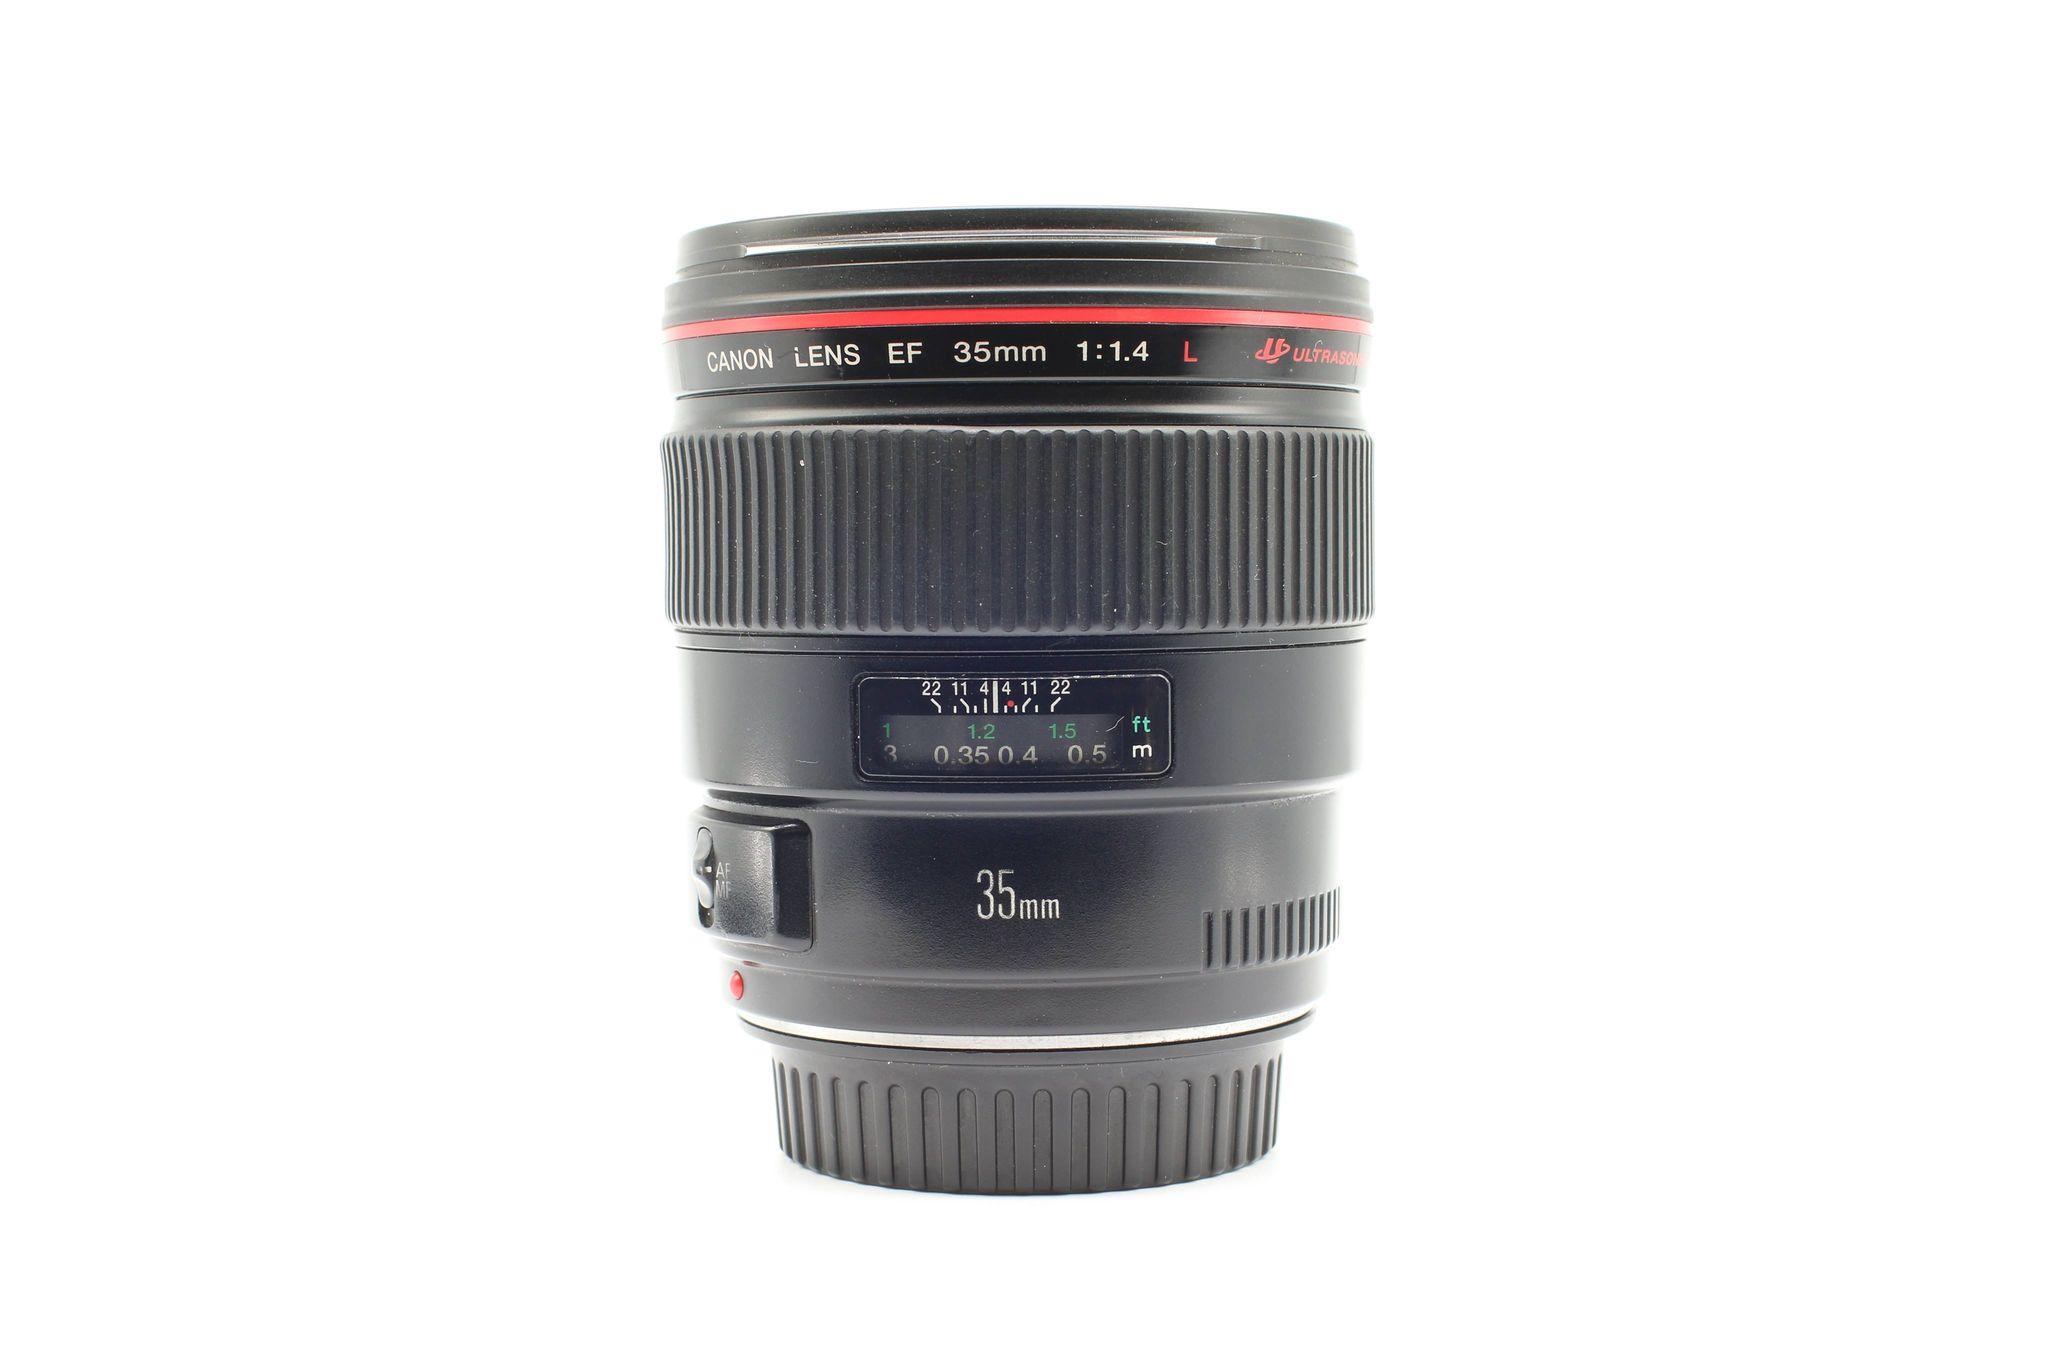 Ống kính Canon EF 35mm f/1.4L USM, Mới 98%